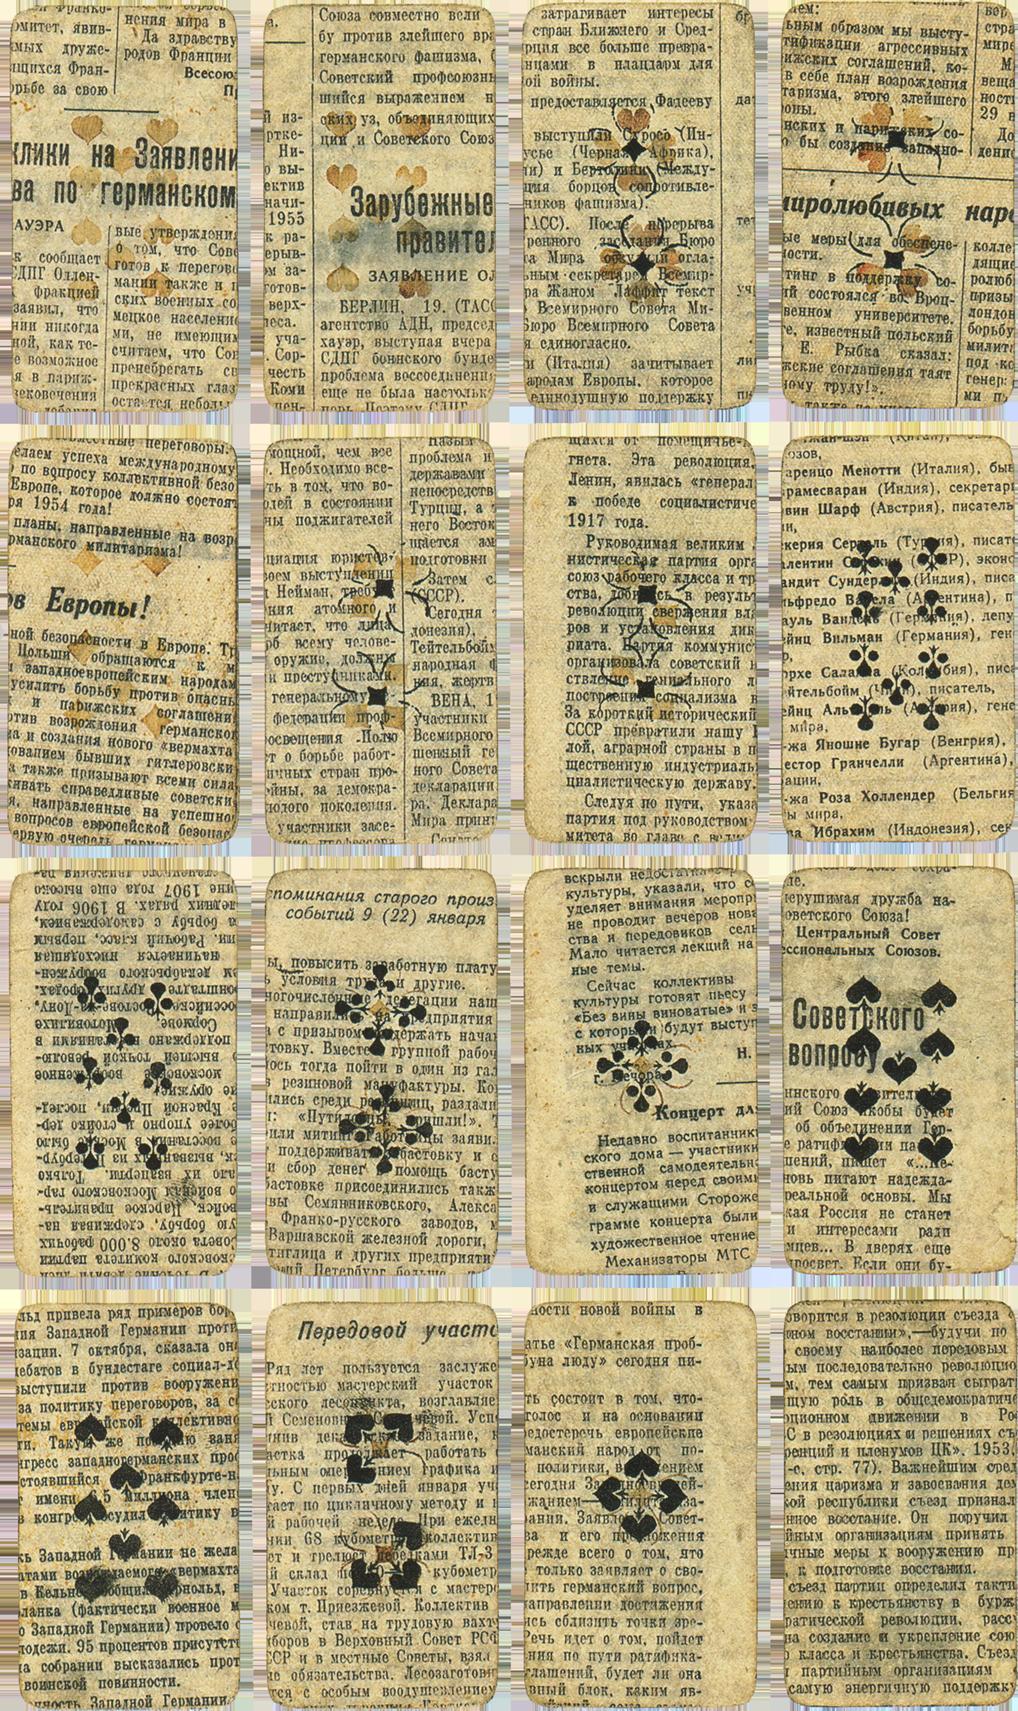 Тюремные игральные карты